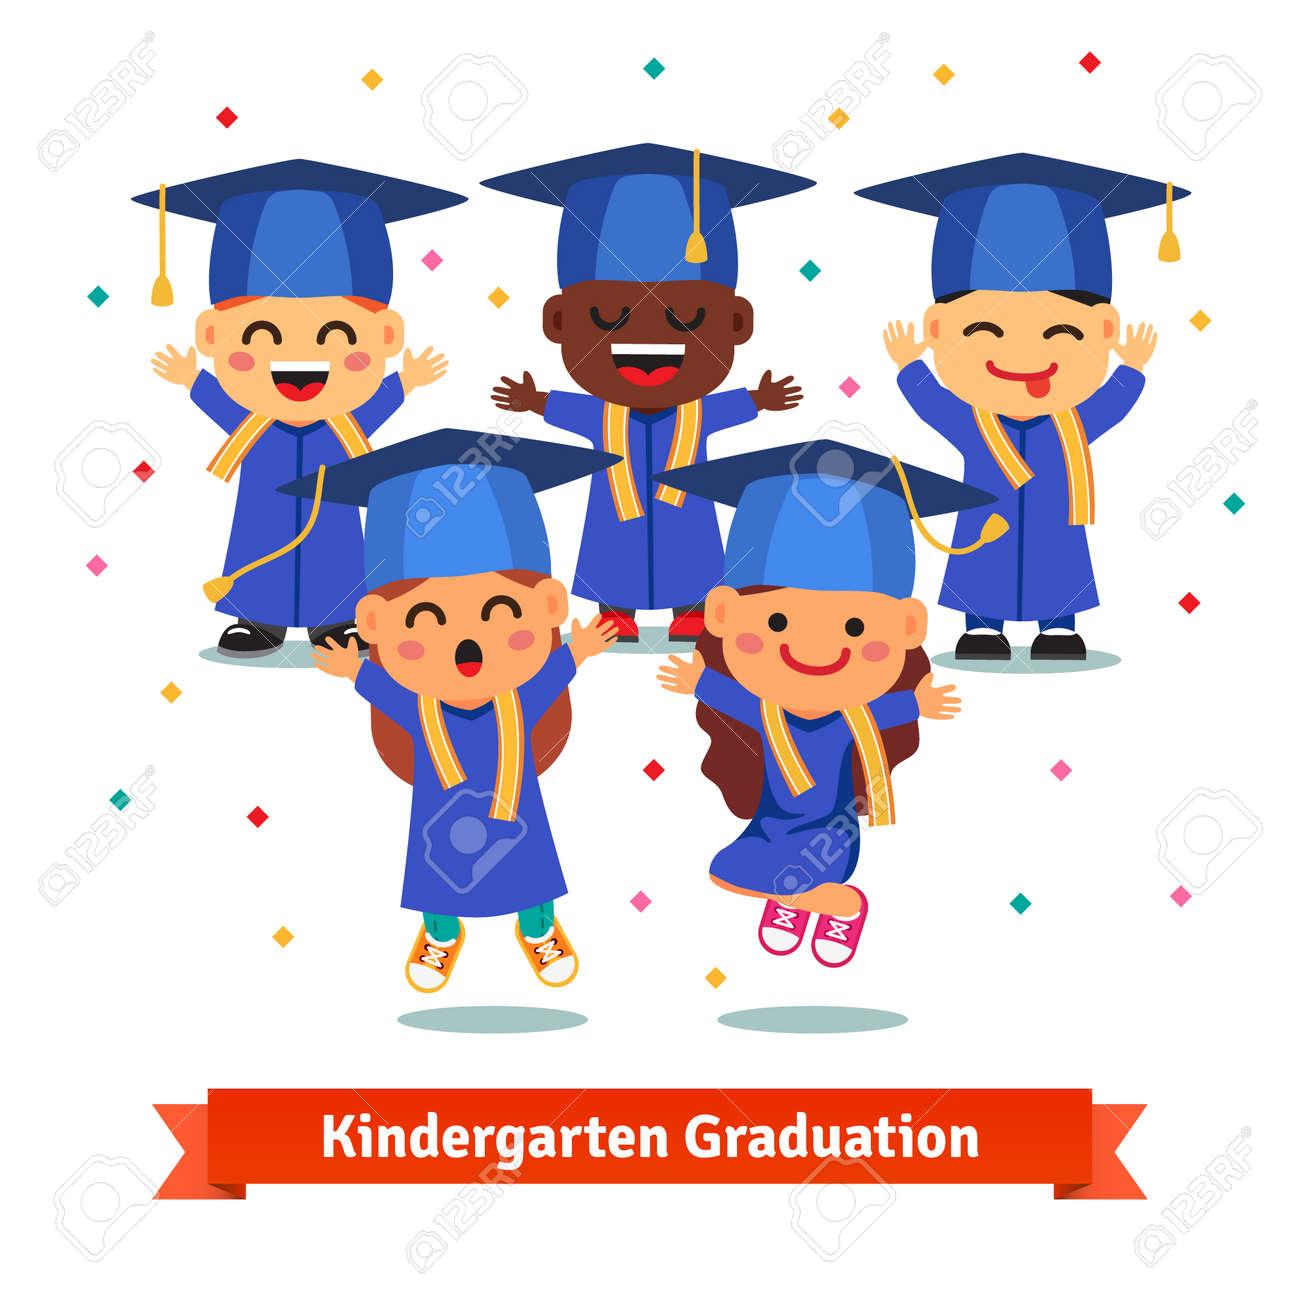 282a09c4f Fiesta de graduación de Kindergarten. Niños en juntas de mortero y los  vestidos que saltan